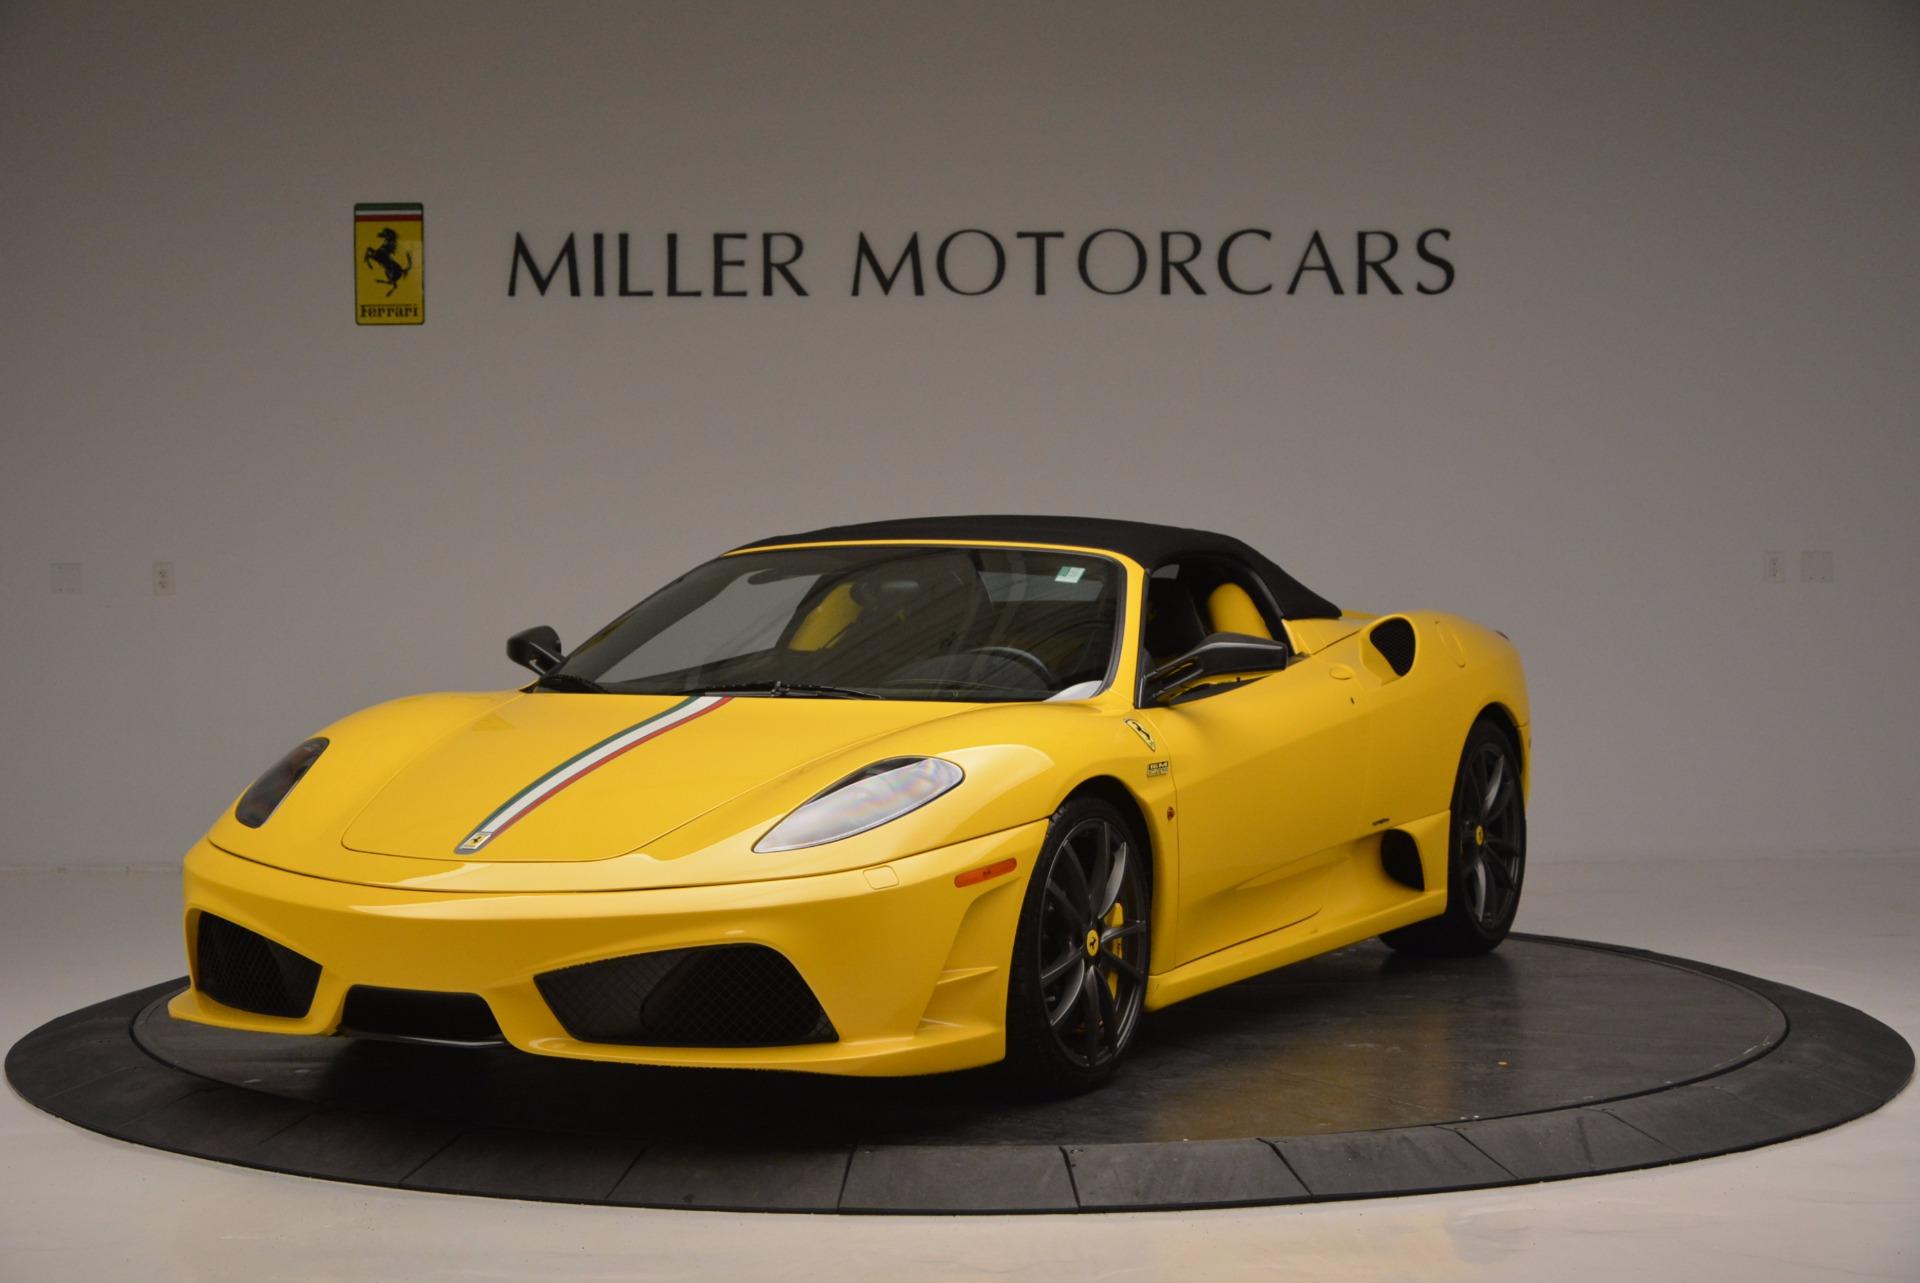 Used 2009 Ferrari F430 Scuderia 16M For Sale In Greenwich, CT. Alfa Romeo of Greenwich, 4369 856_p13